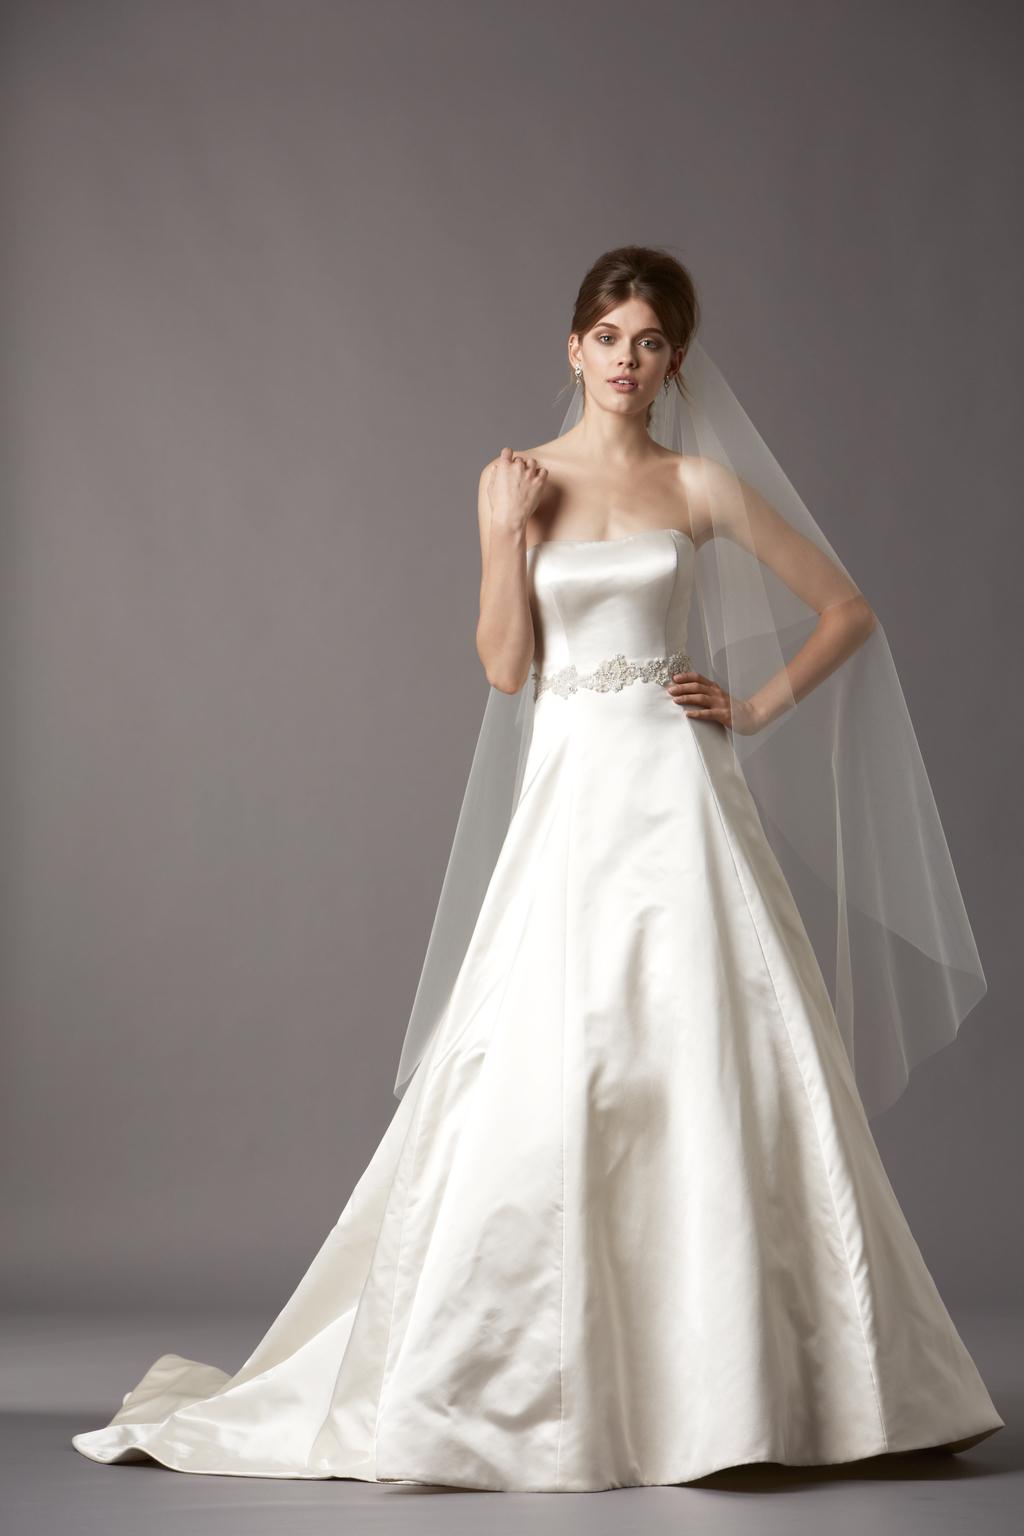 Watters-bridal-gowns-fall-2013-wedding-dress-4083b.full